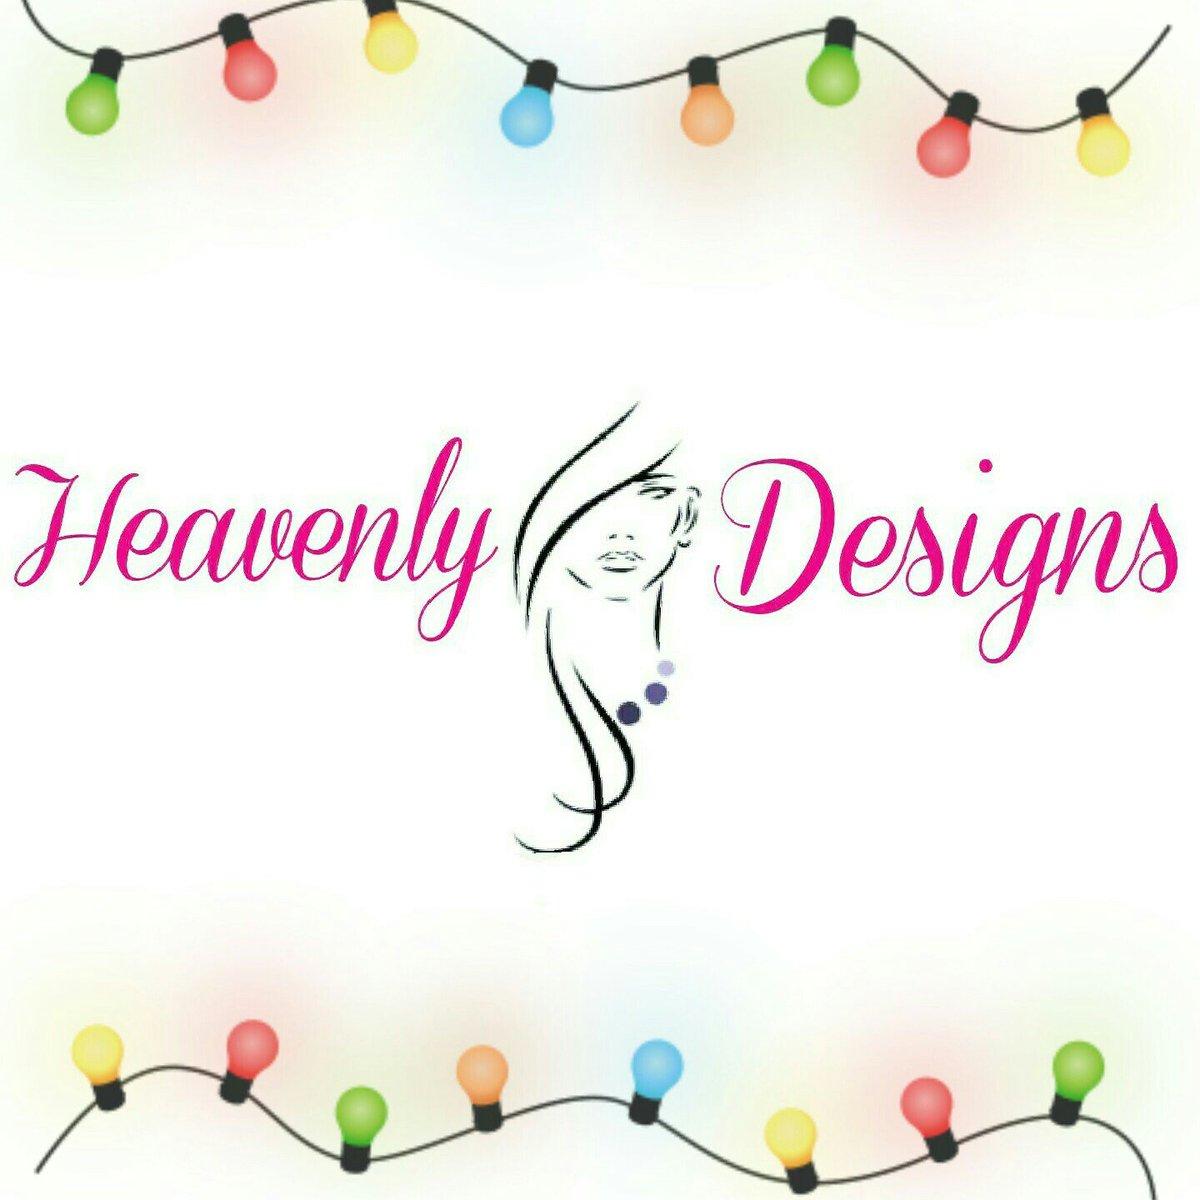 Follow my Fan page @heavenly_designs_shop   #follow #like #like4like #likeforlike #likeforfollow #like4follo... <br>http://pic.twitter.com/1wFT9X4HwN